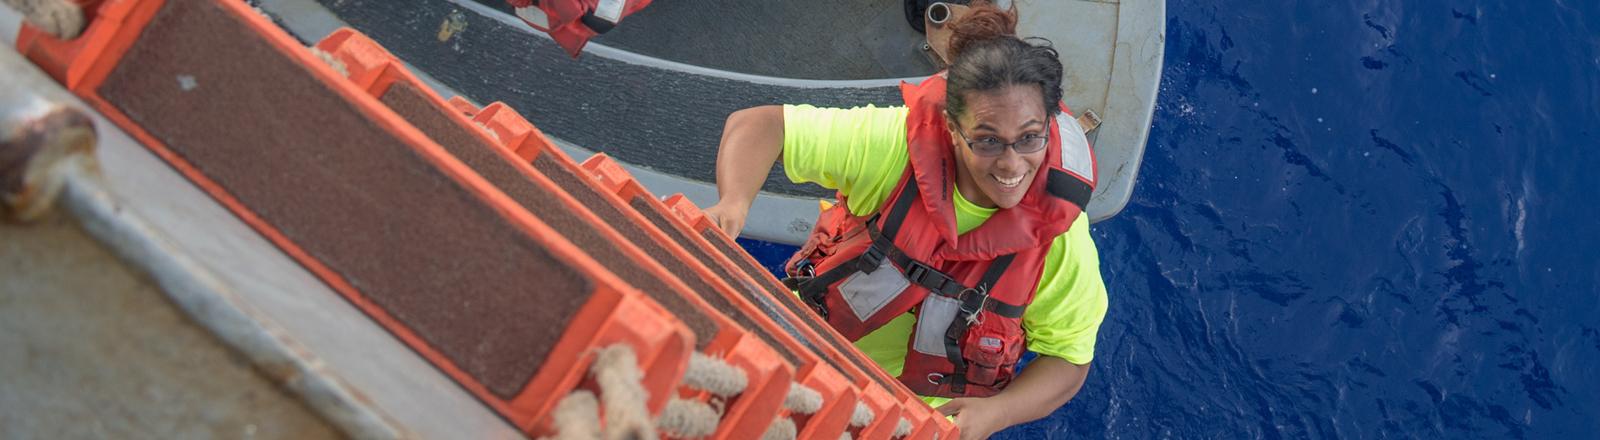 Monatelang trieben zwei Seglerinnen mit ihren Hunden im pazifischen Ozean. Jetzt wurden sie gerettet.